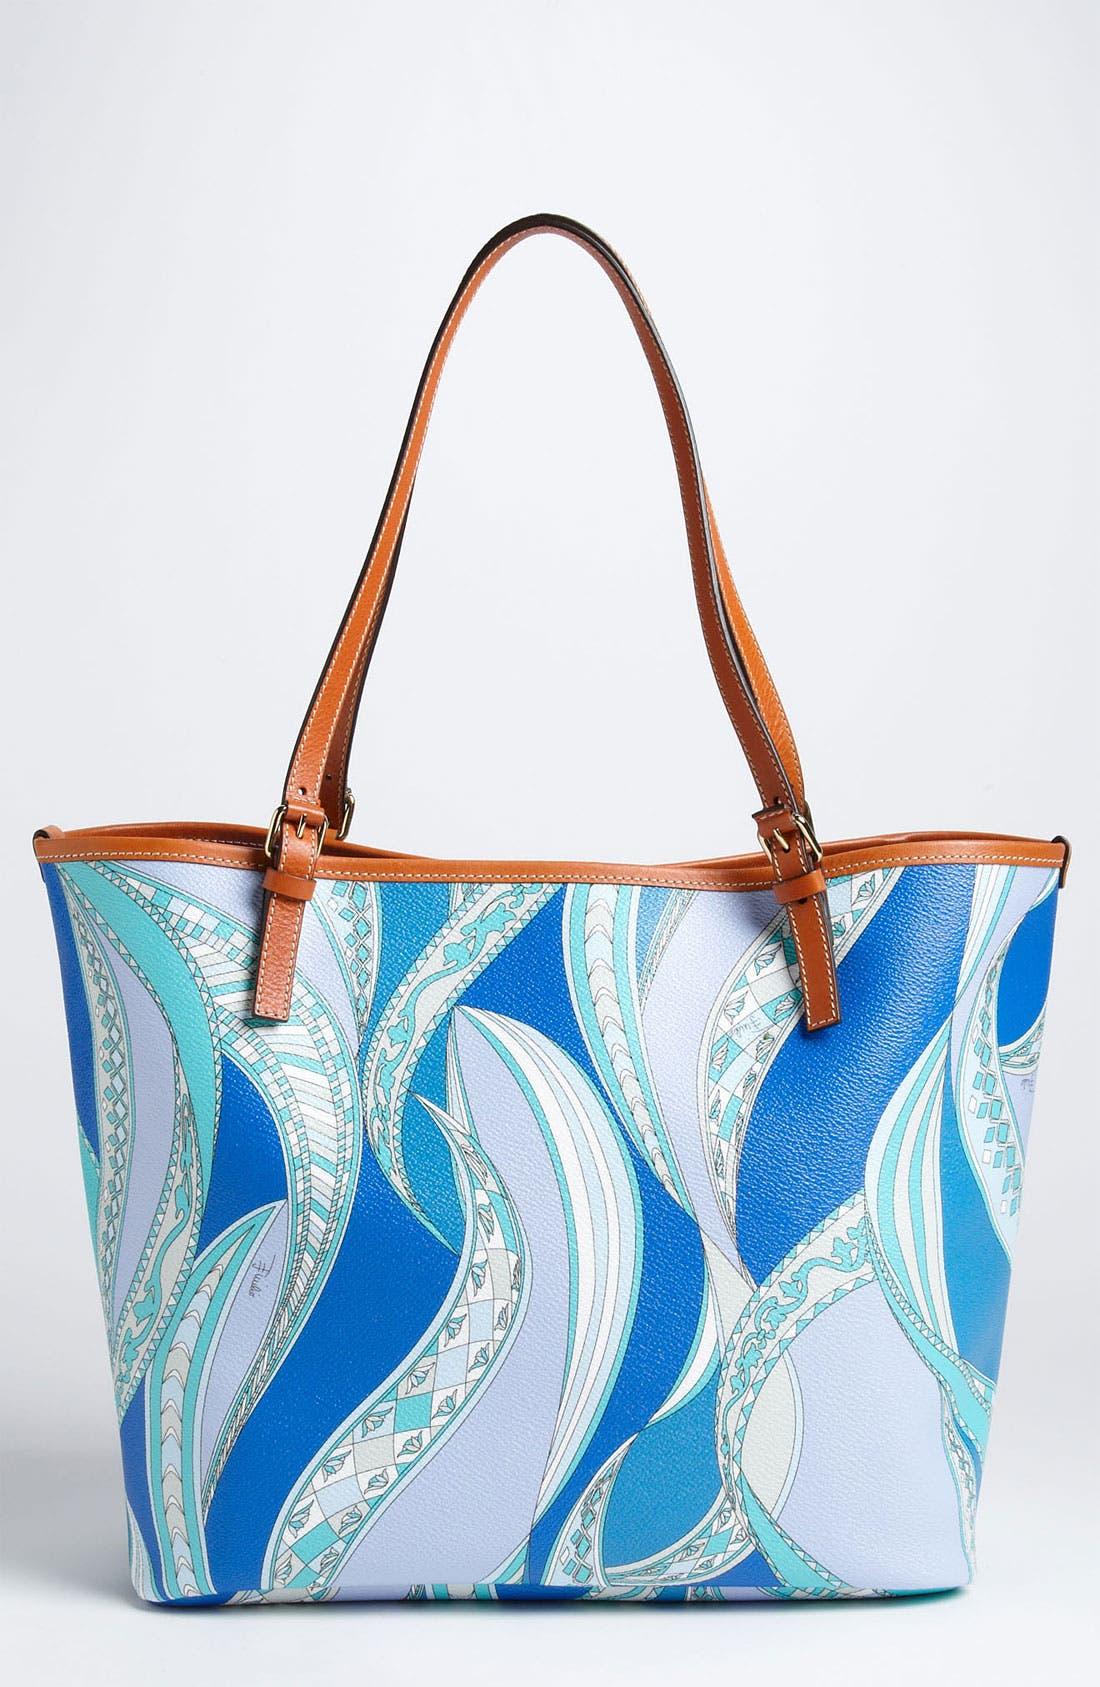 Alternate Image 1 Selected - Emilio Pucci 'Medium' Shopper